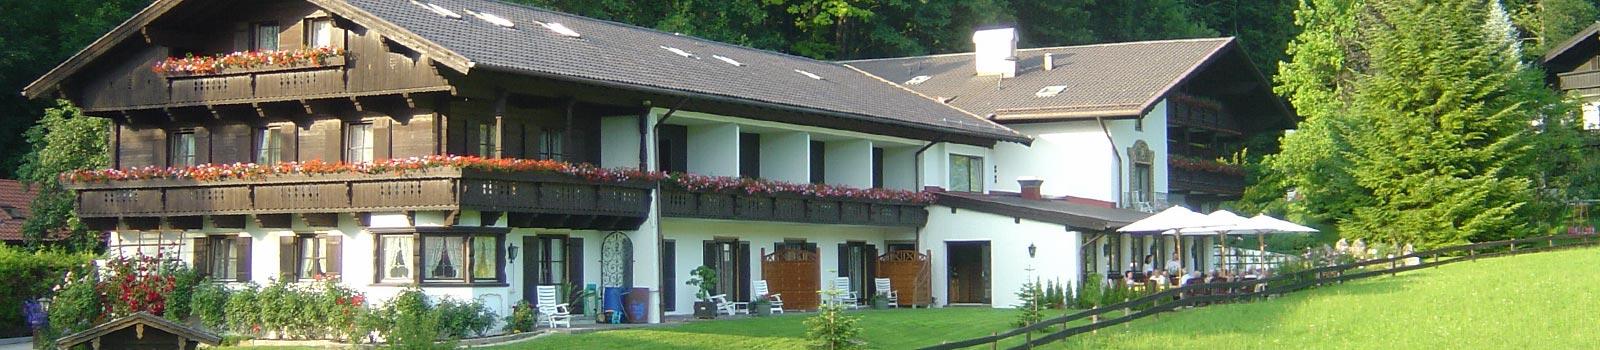 Landhotel Gabriele